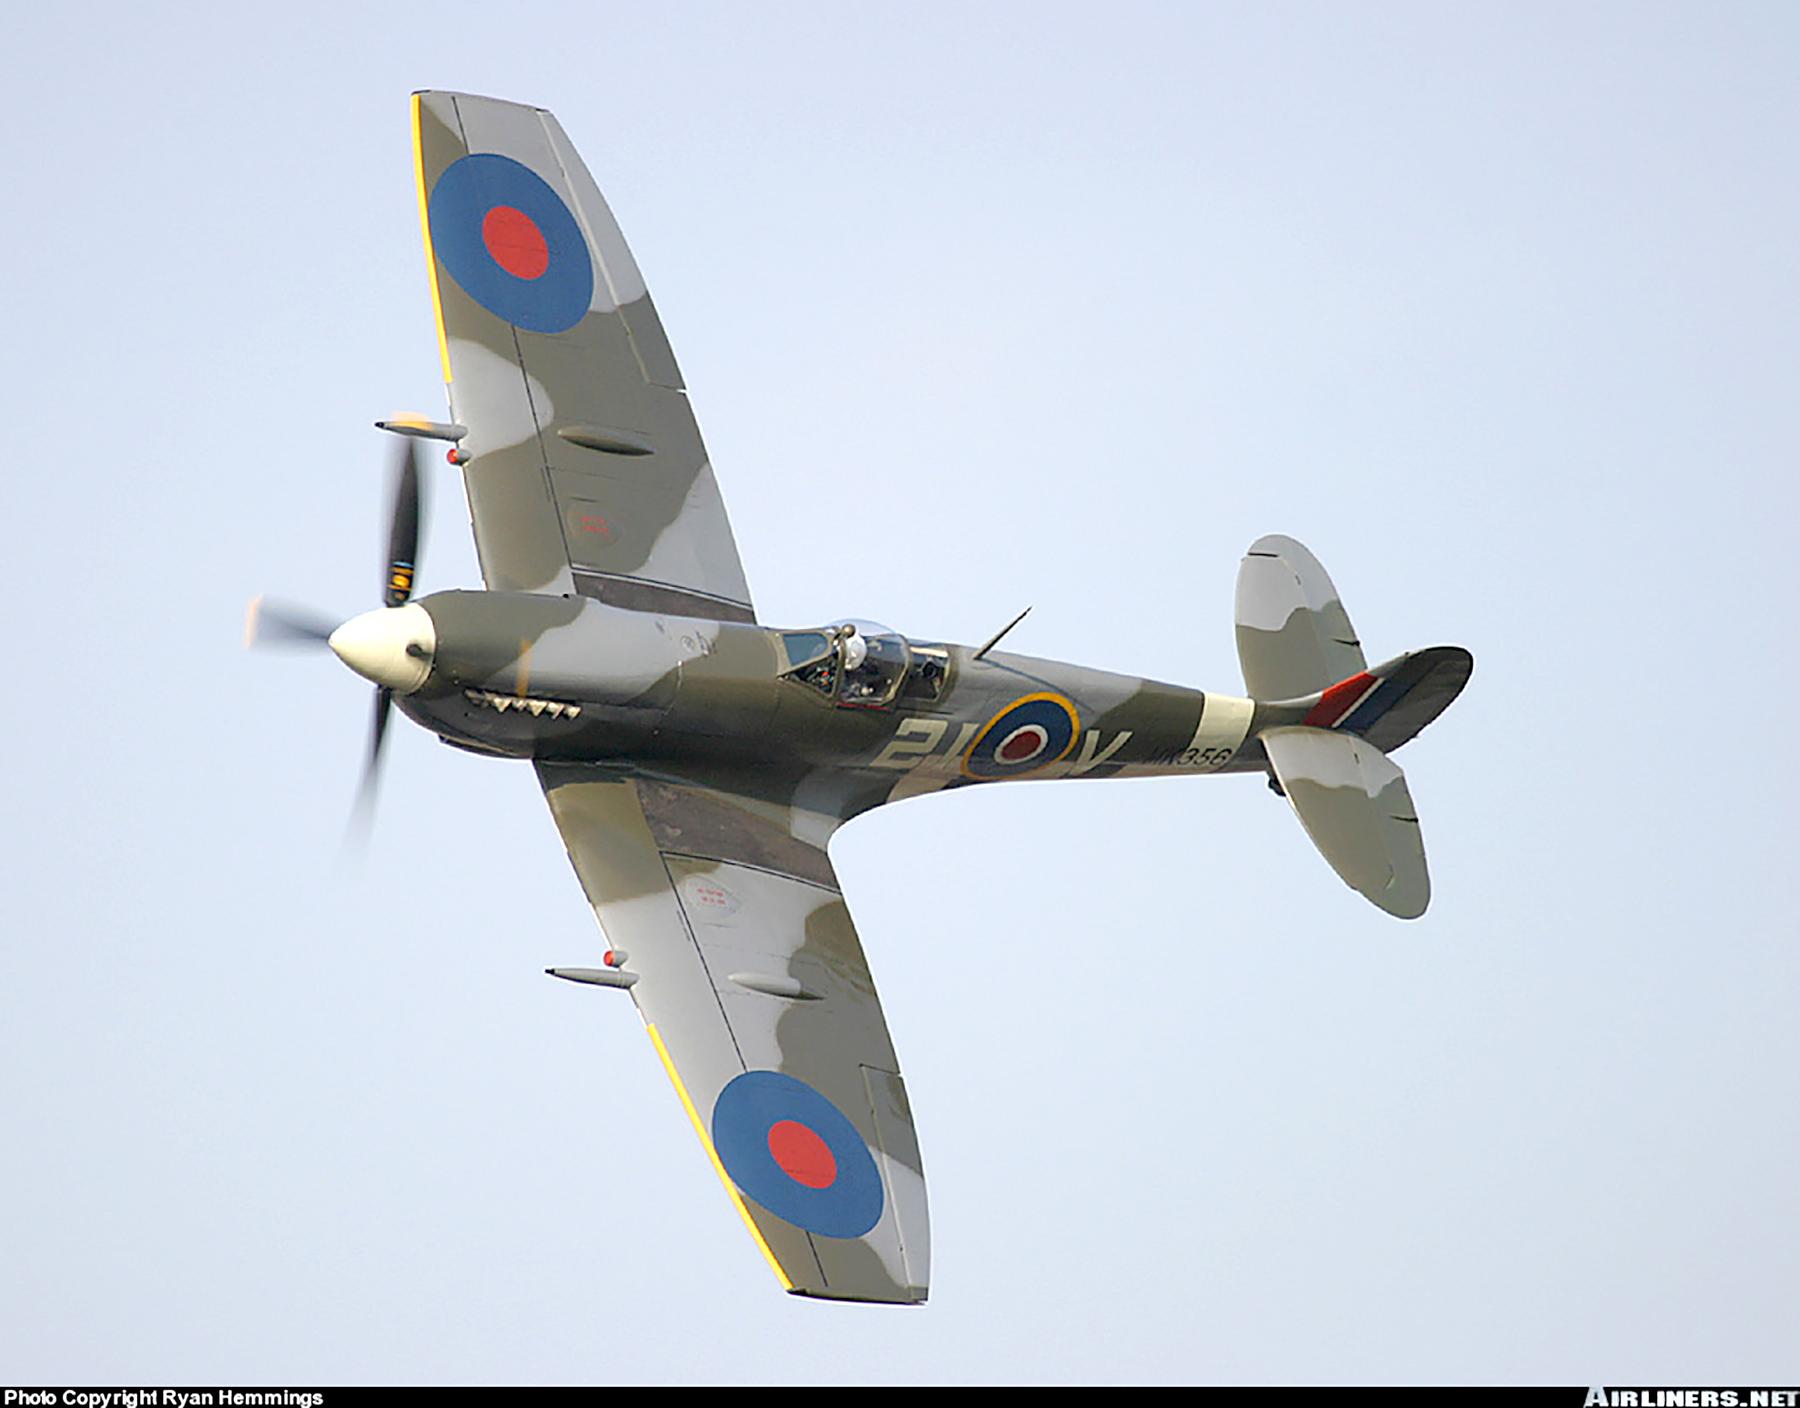 Airworthy Spitfire warbird MkIXe RCAF 443Sqn 2IV MK356 08